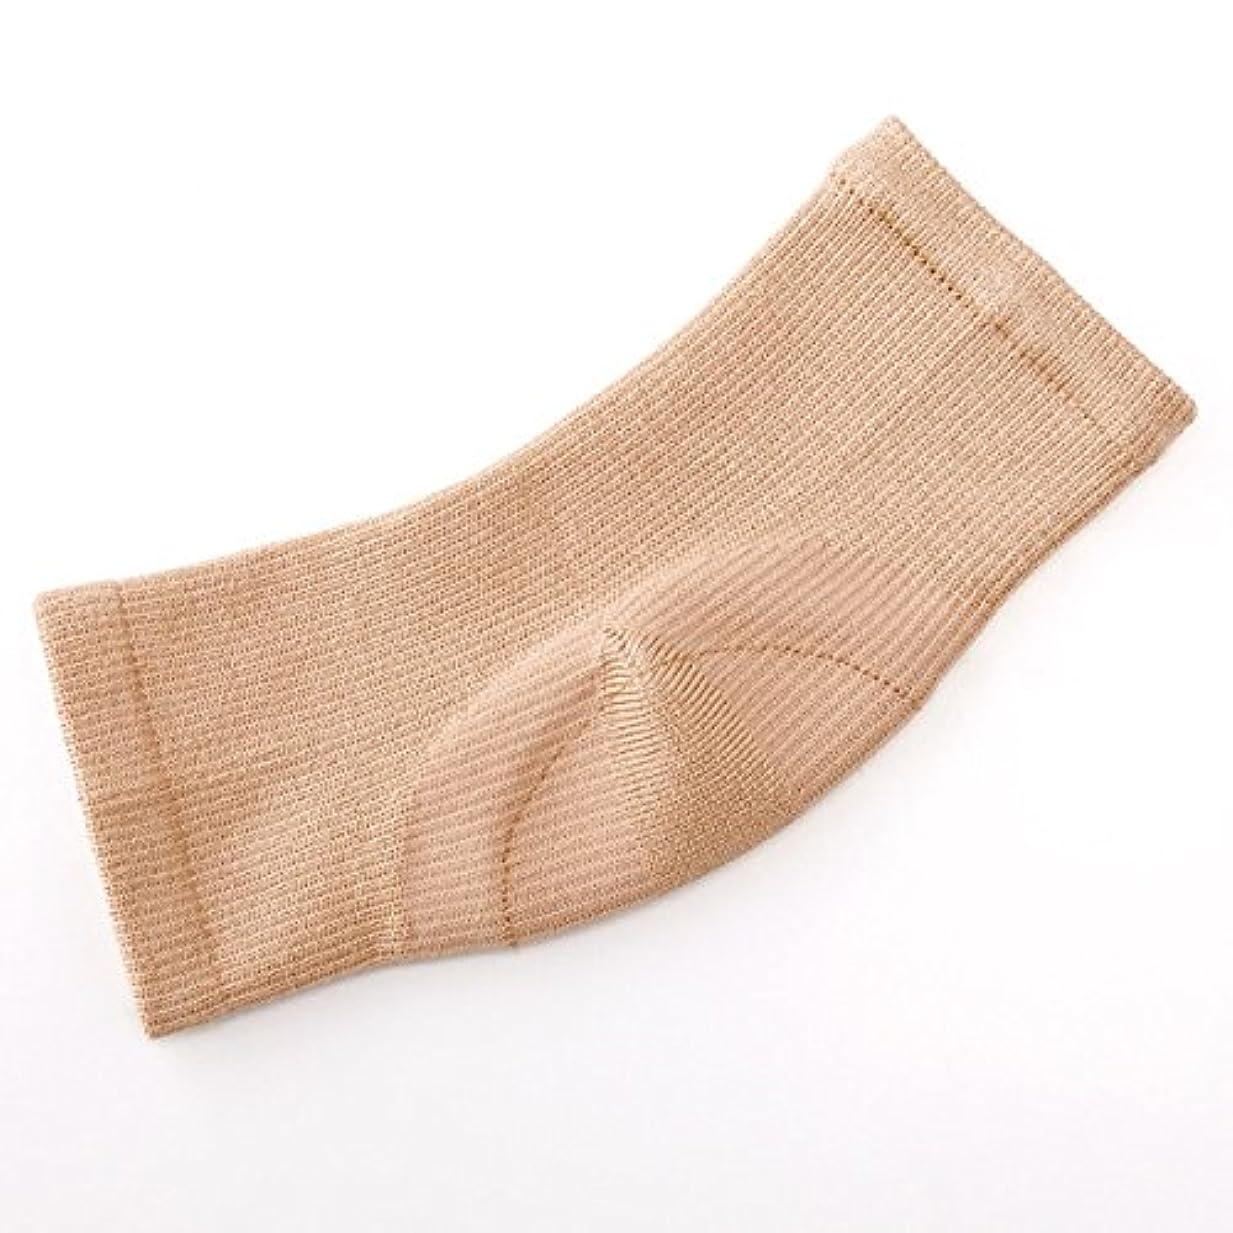 チョップ慈悲深い頻繁にシルク混かかと足裏つるるん シルク混 フットカバー かかと 保湿 フットケア 靴下